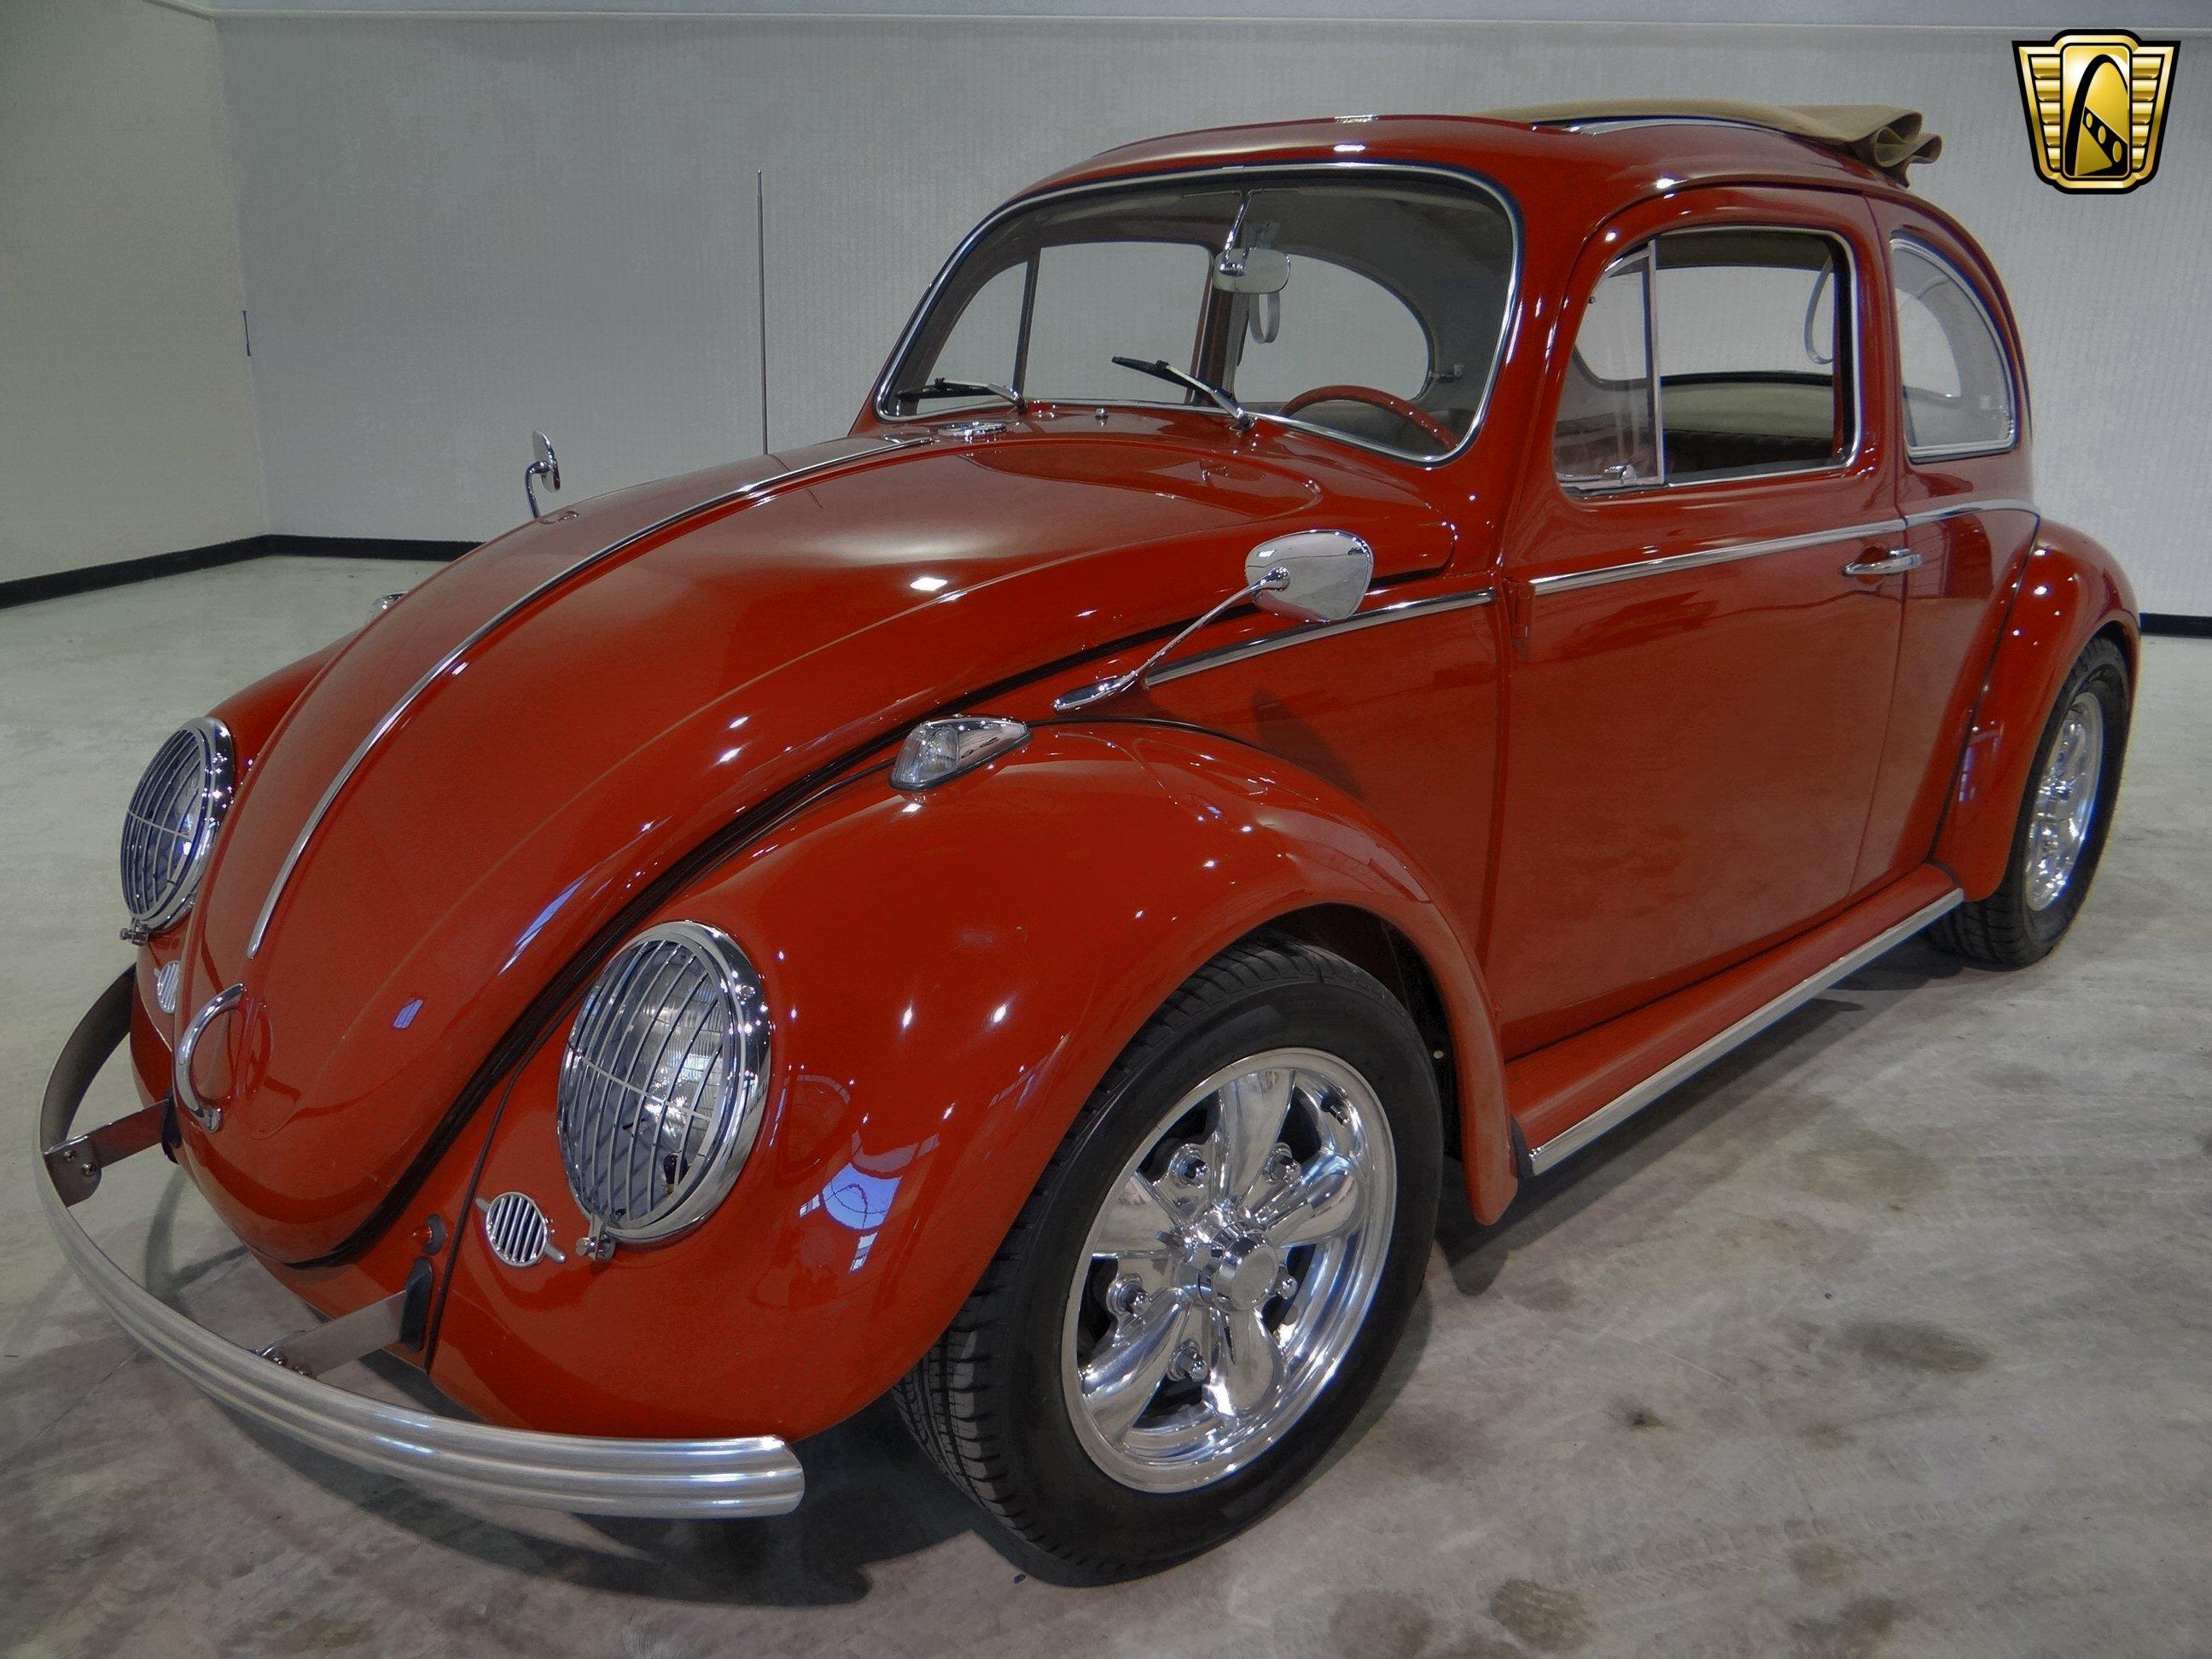 1963 volkswagen beetle socal classic wallpaper 2592x1944